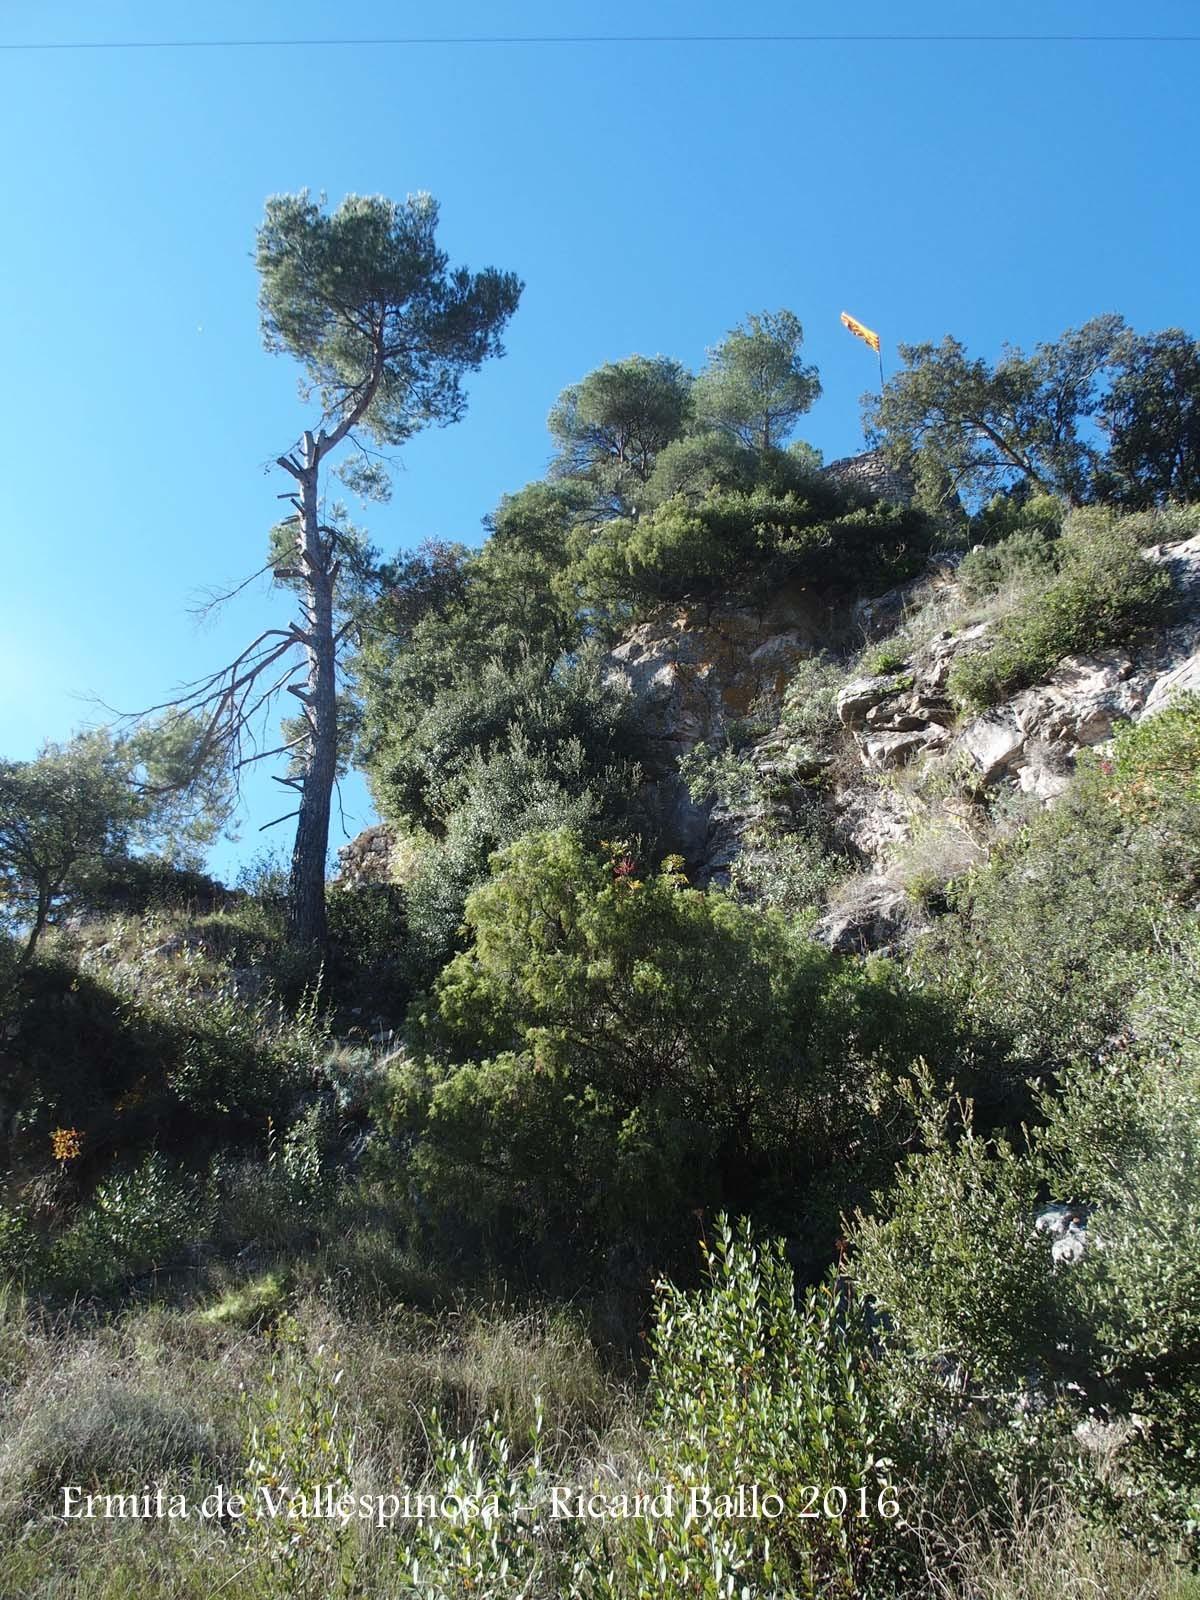 Des de l'Ermita de Vallespinosa – Pontils, es pot accedir al castell de Vallespinosa, que en aquesta fotografia podem intuir la seva presència per la senyera que hi ondeja.